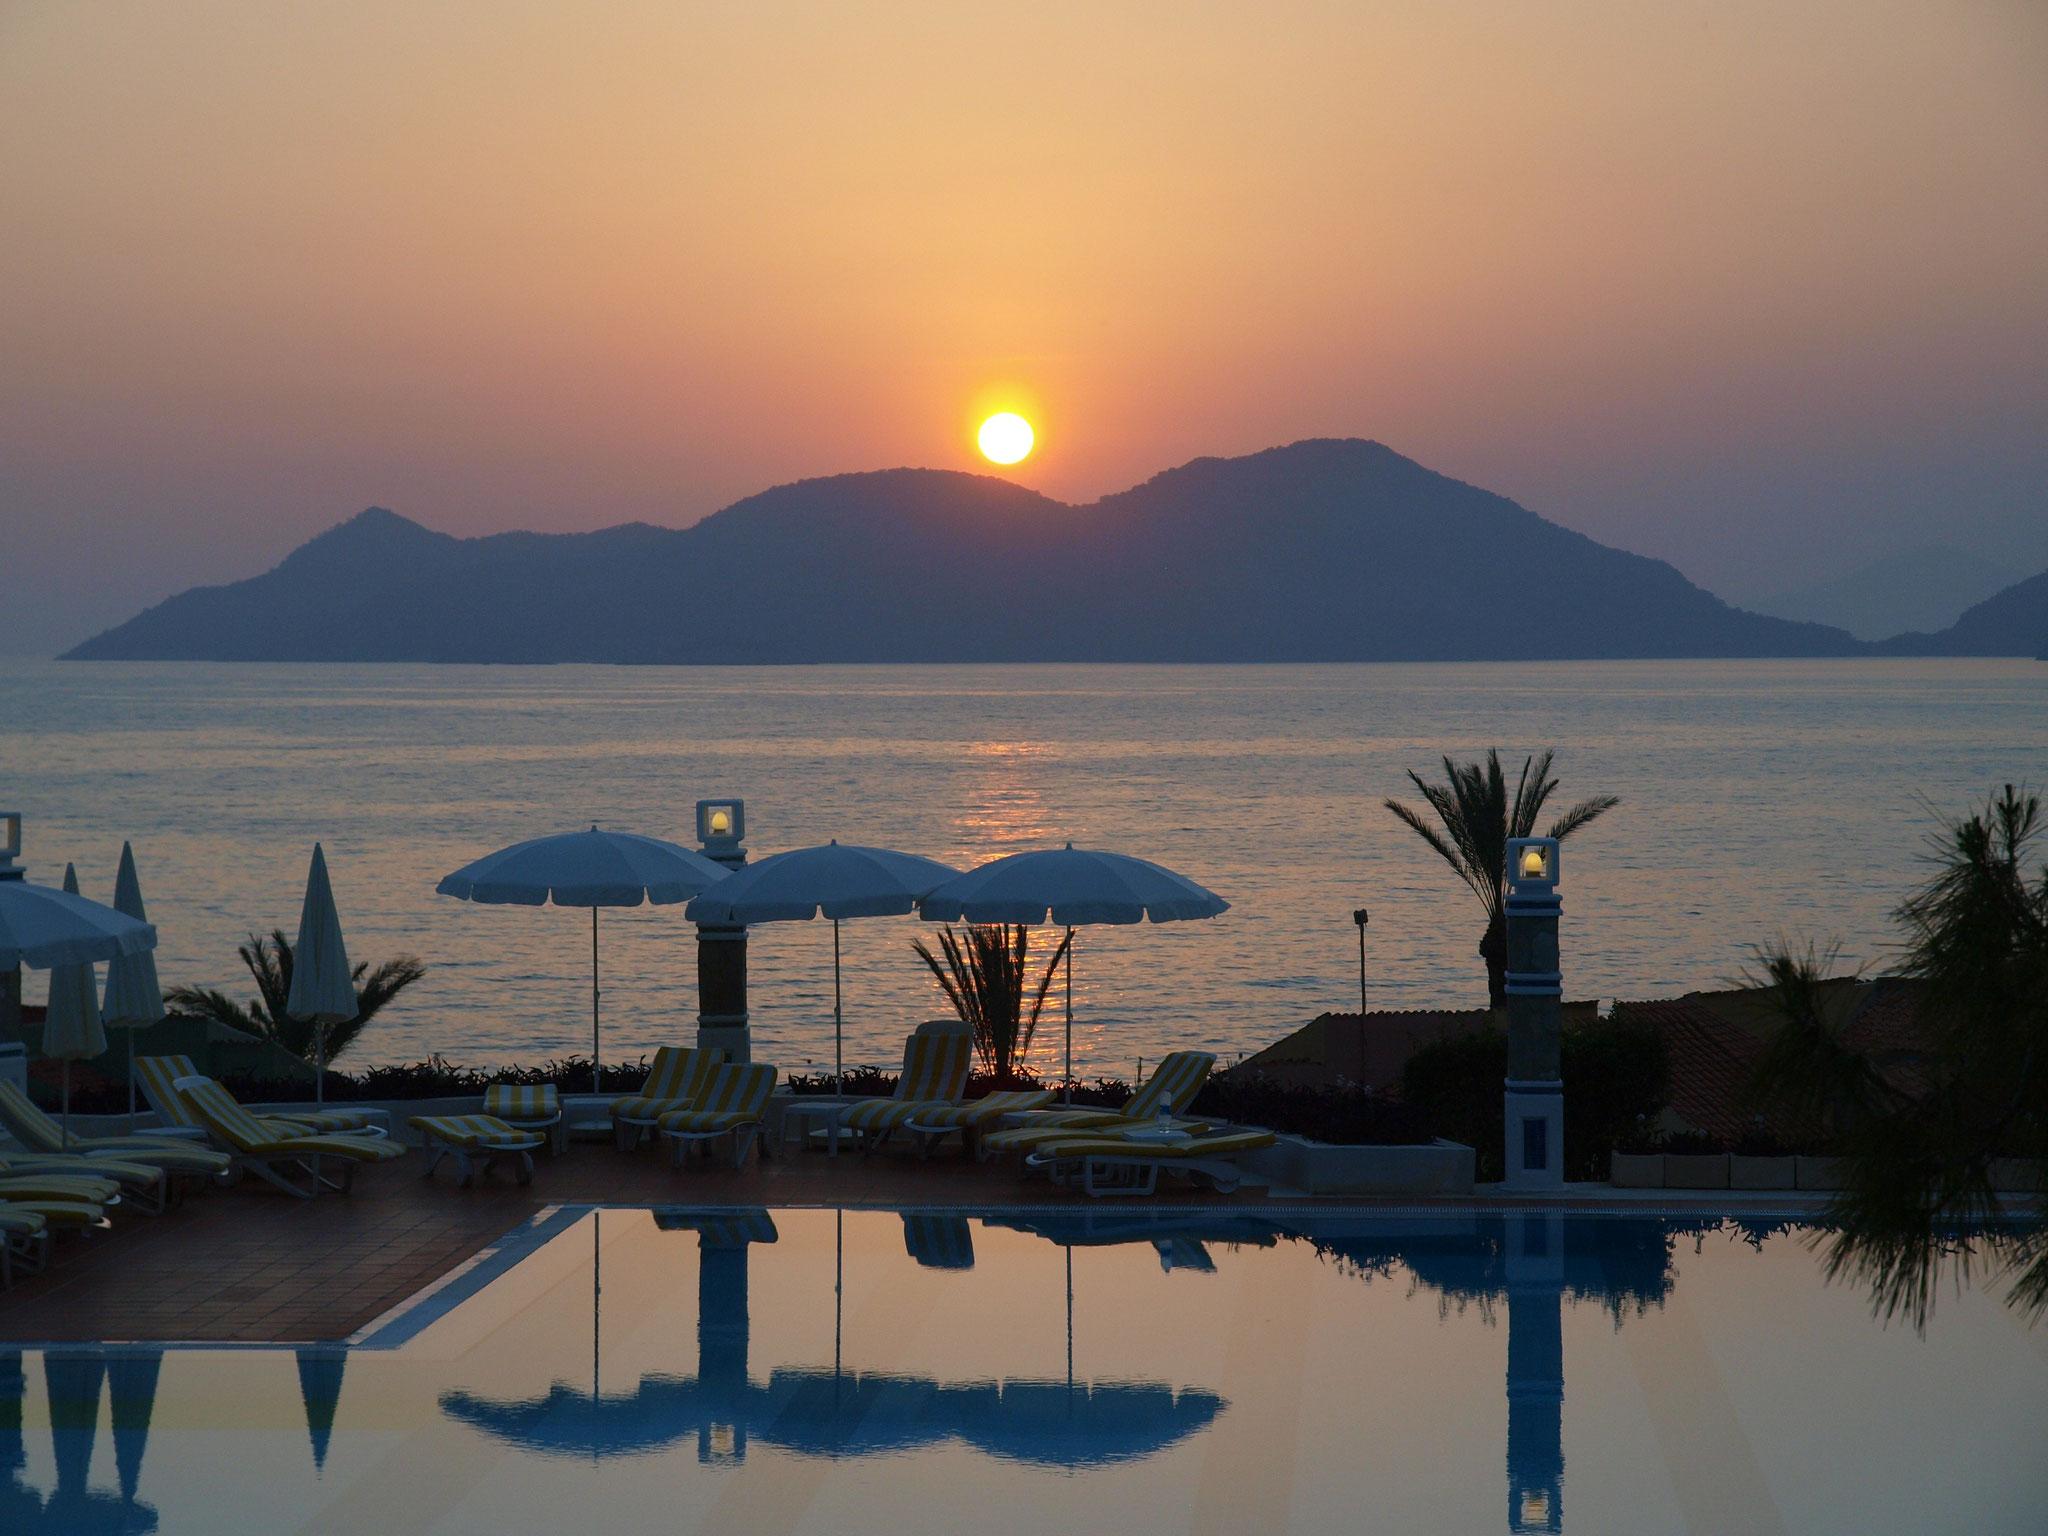 Ölü Deniz, Liberty Hotels